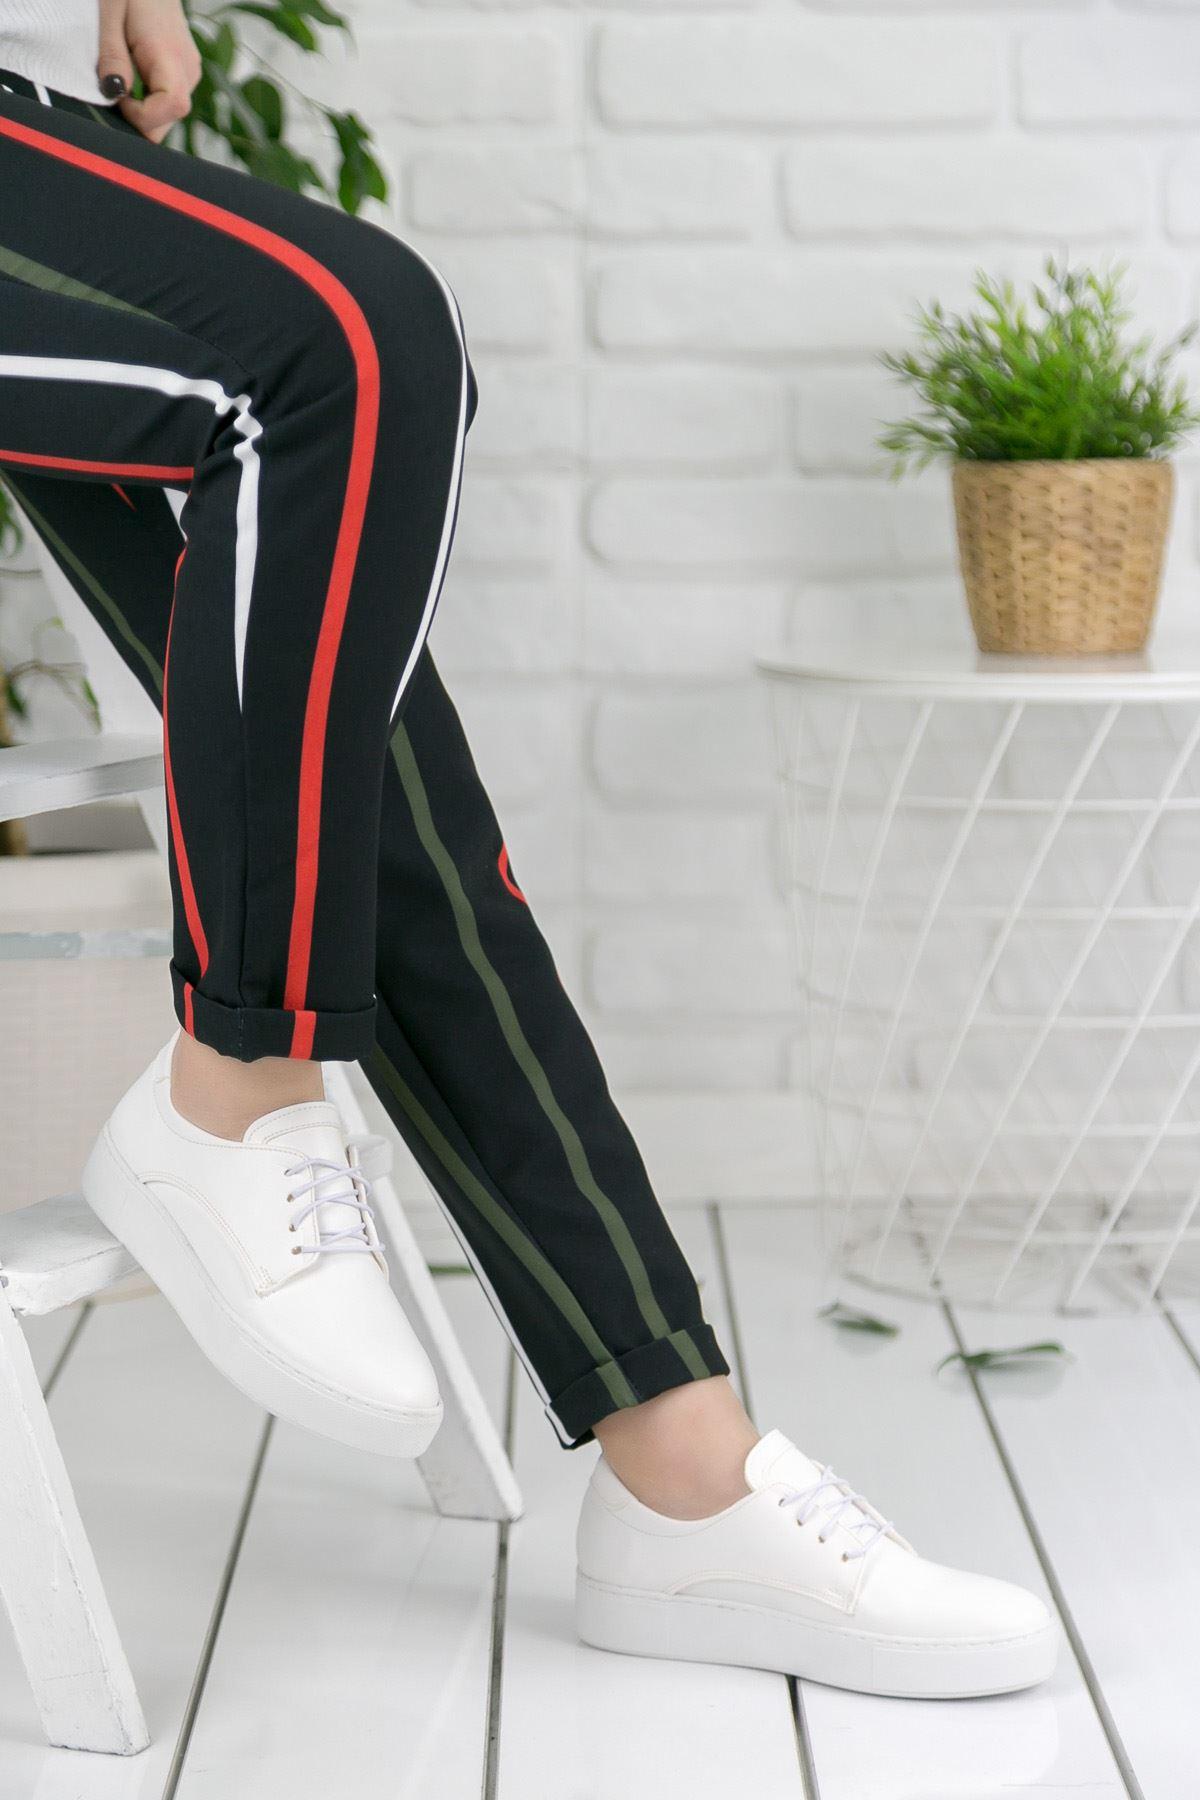 Risa Beyaz Bağcıklı Kadın Spor Ayakkabı